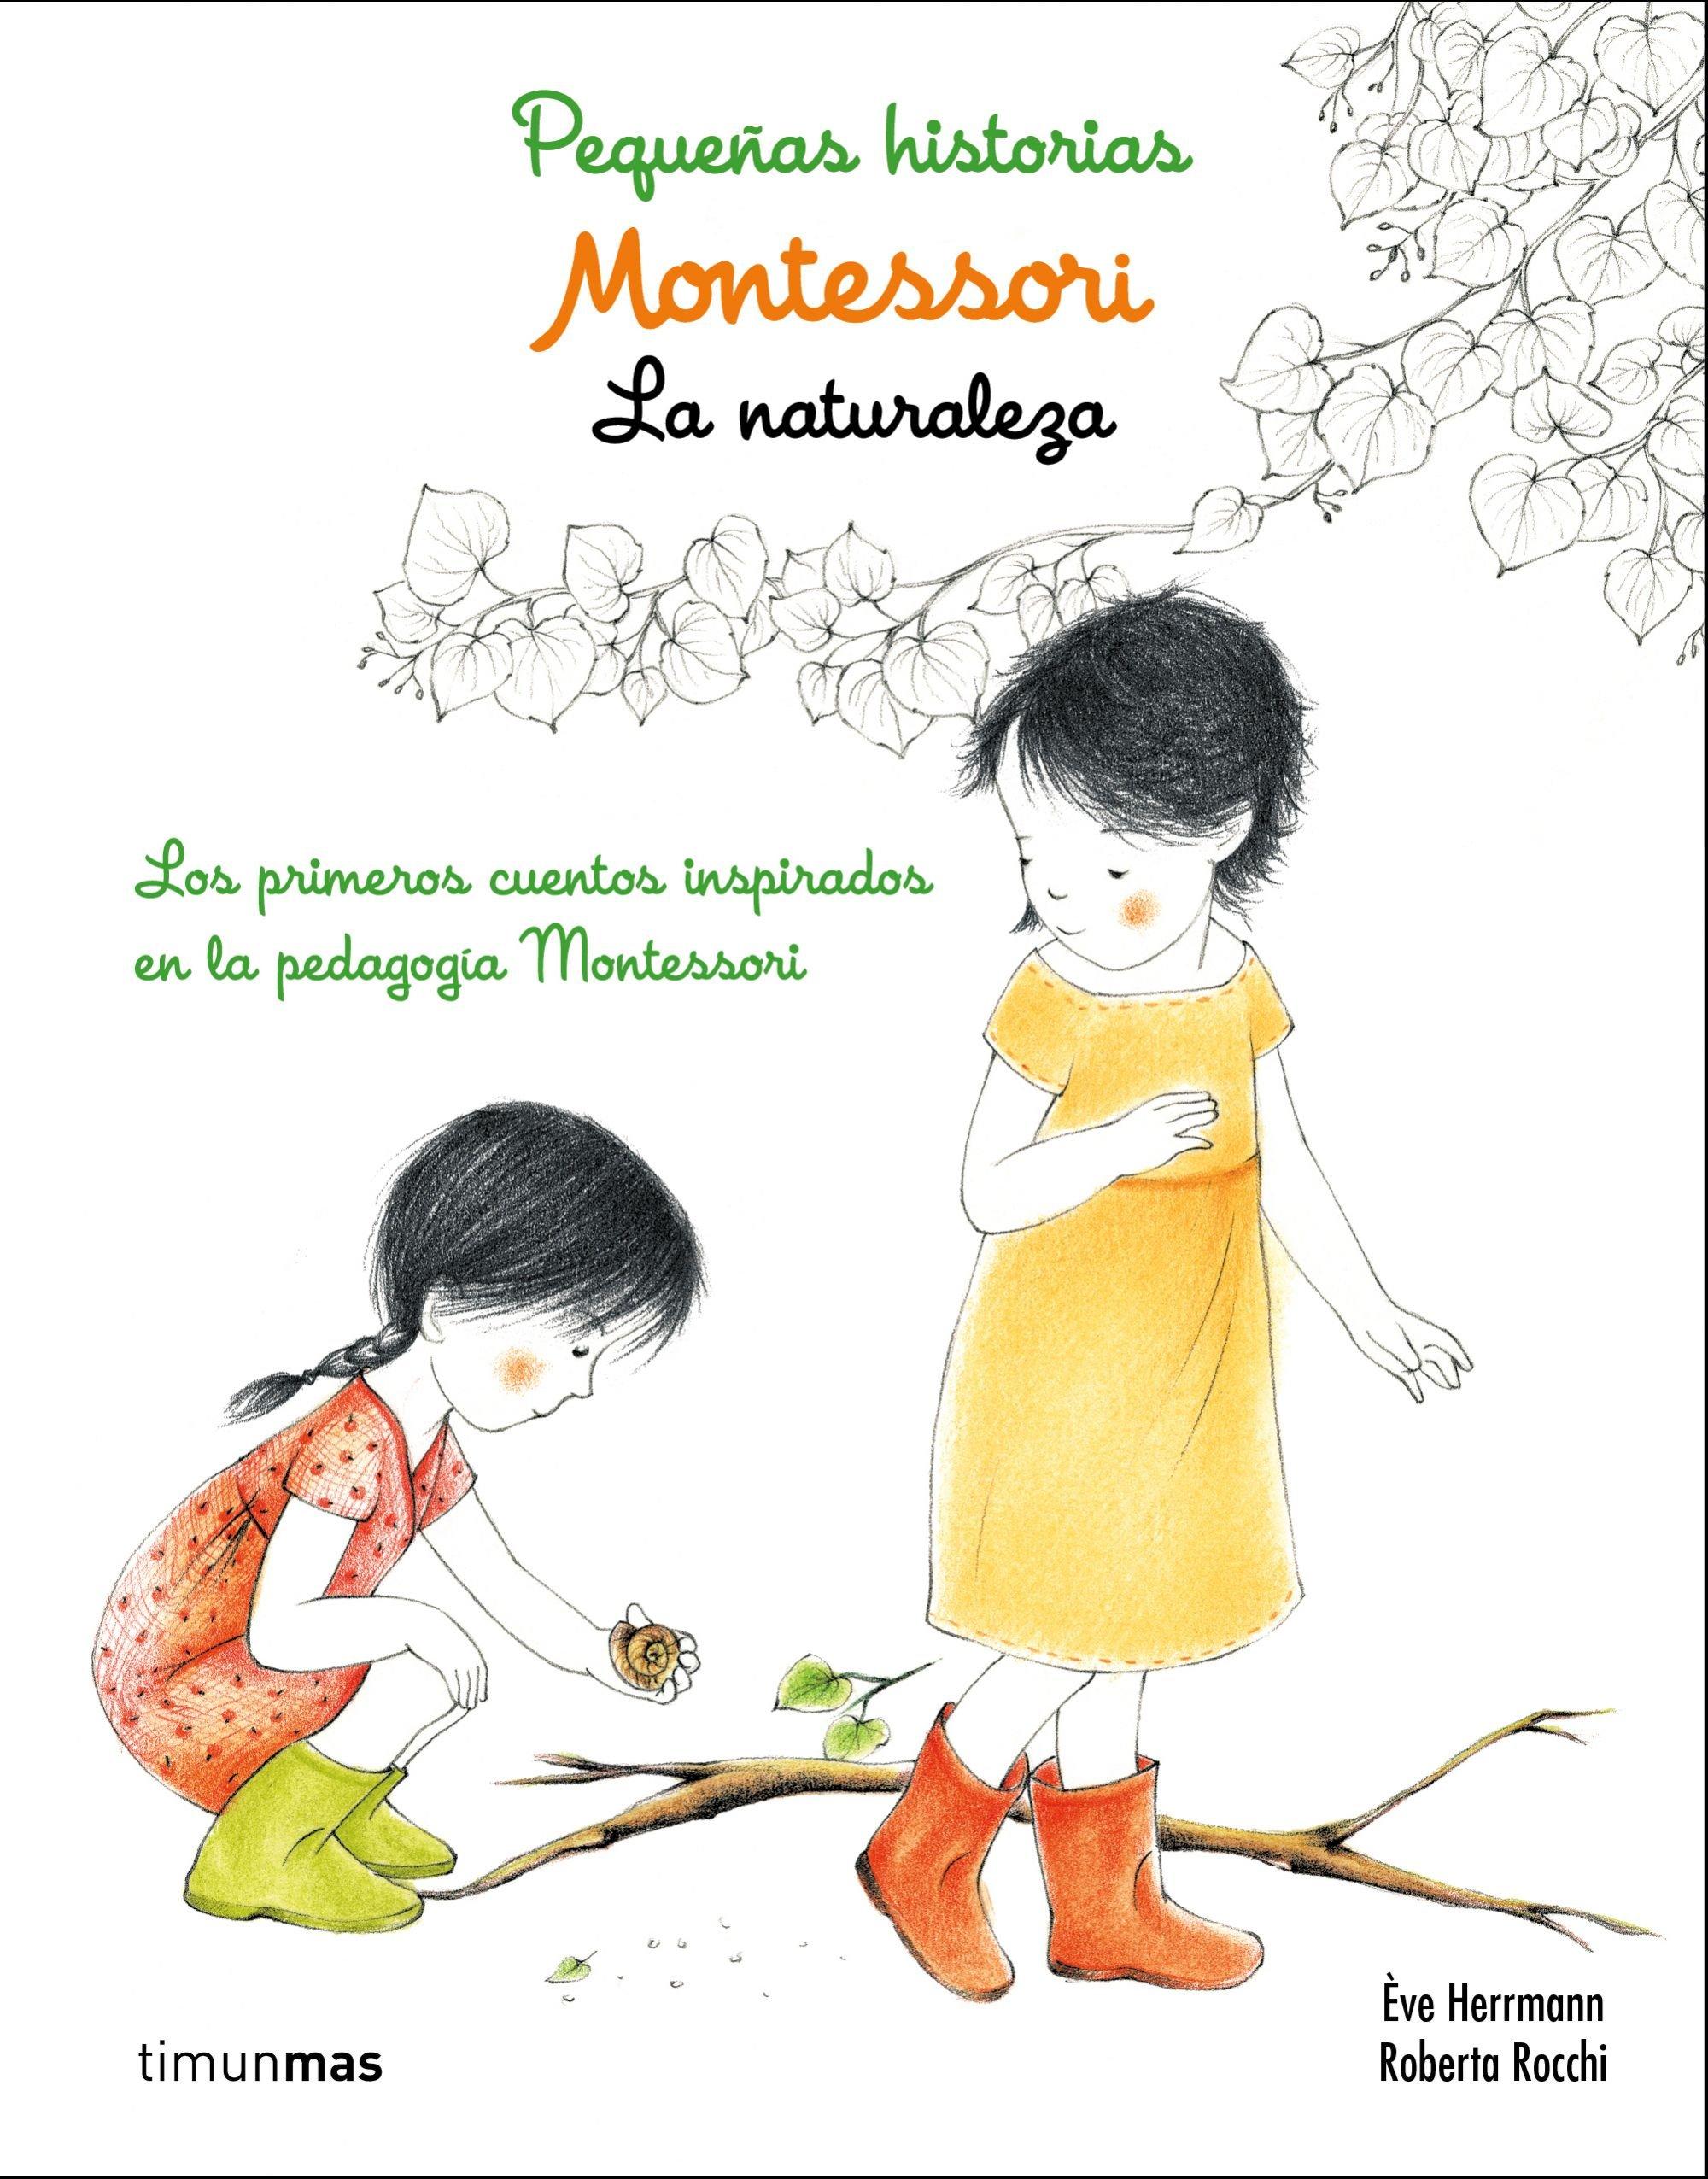 Montessori. Pequeñas historias. La naturaleza: Los primeros cuentos inspirados en la pedagogía Montessori: Amazon.es: Herrmann, Ève, Rocchi, Roberta, Editorial Planeta: Libros